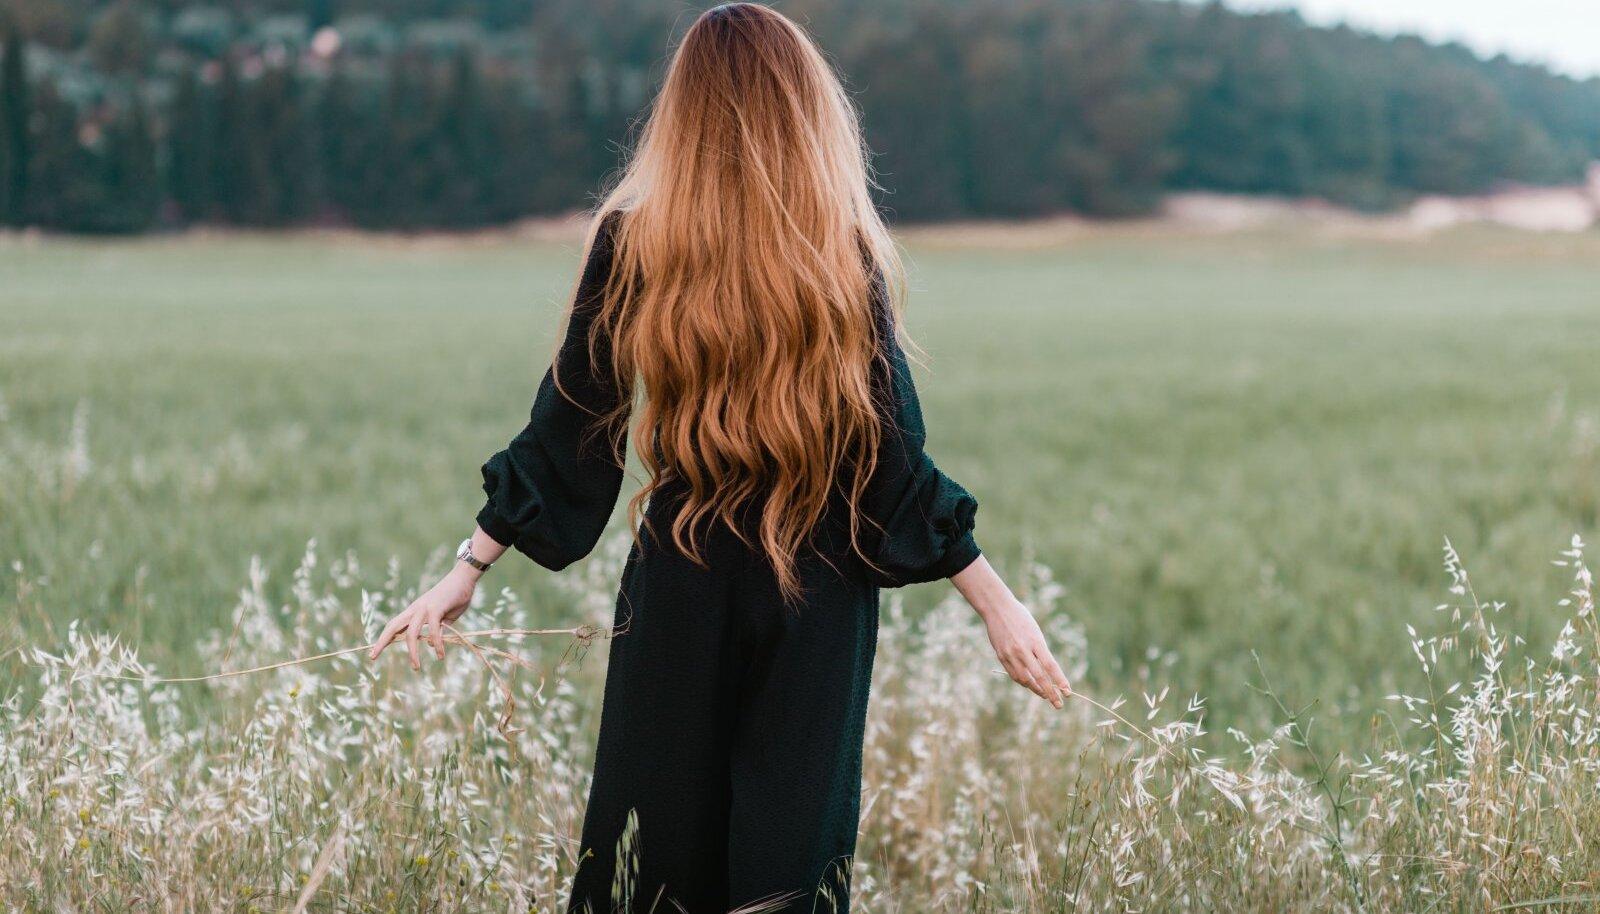 Ka looduslikud koostisosad toidavad juukseid sügavuti.